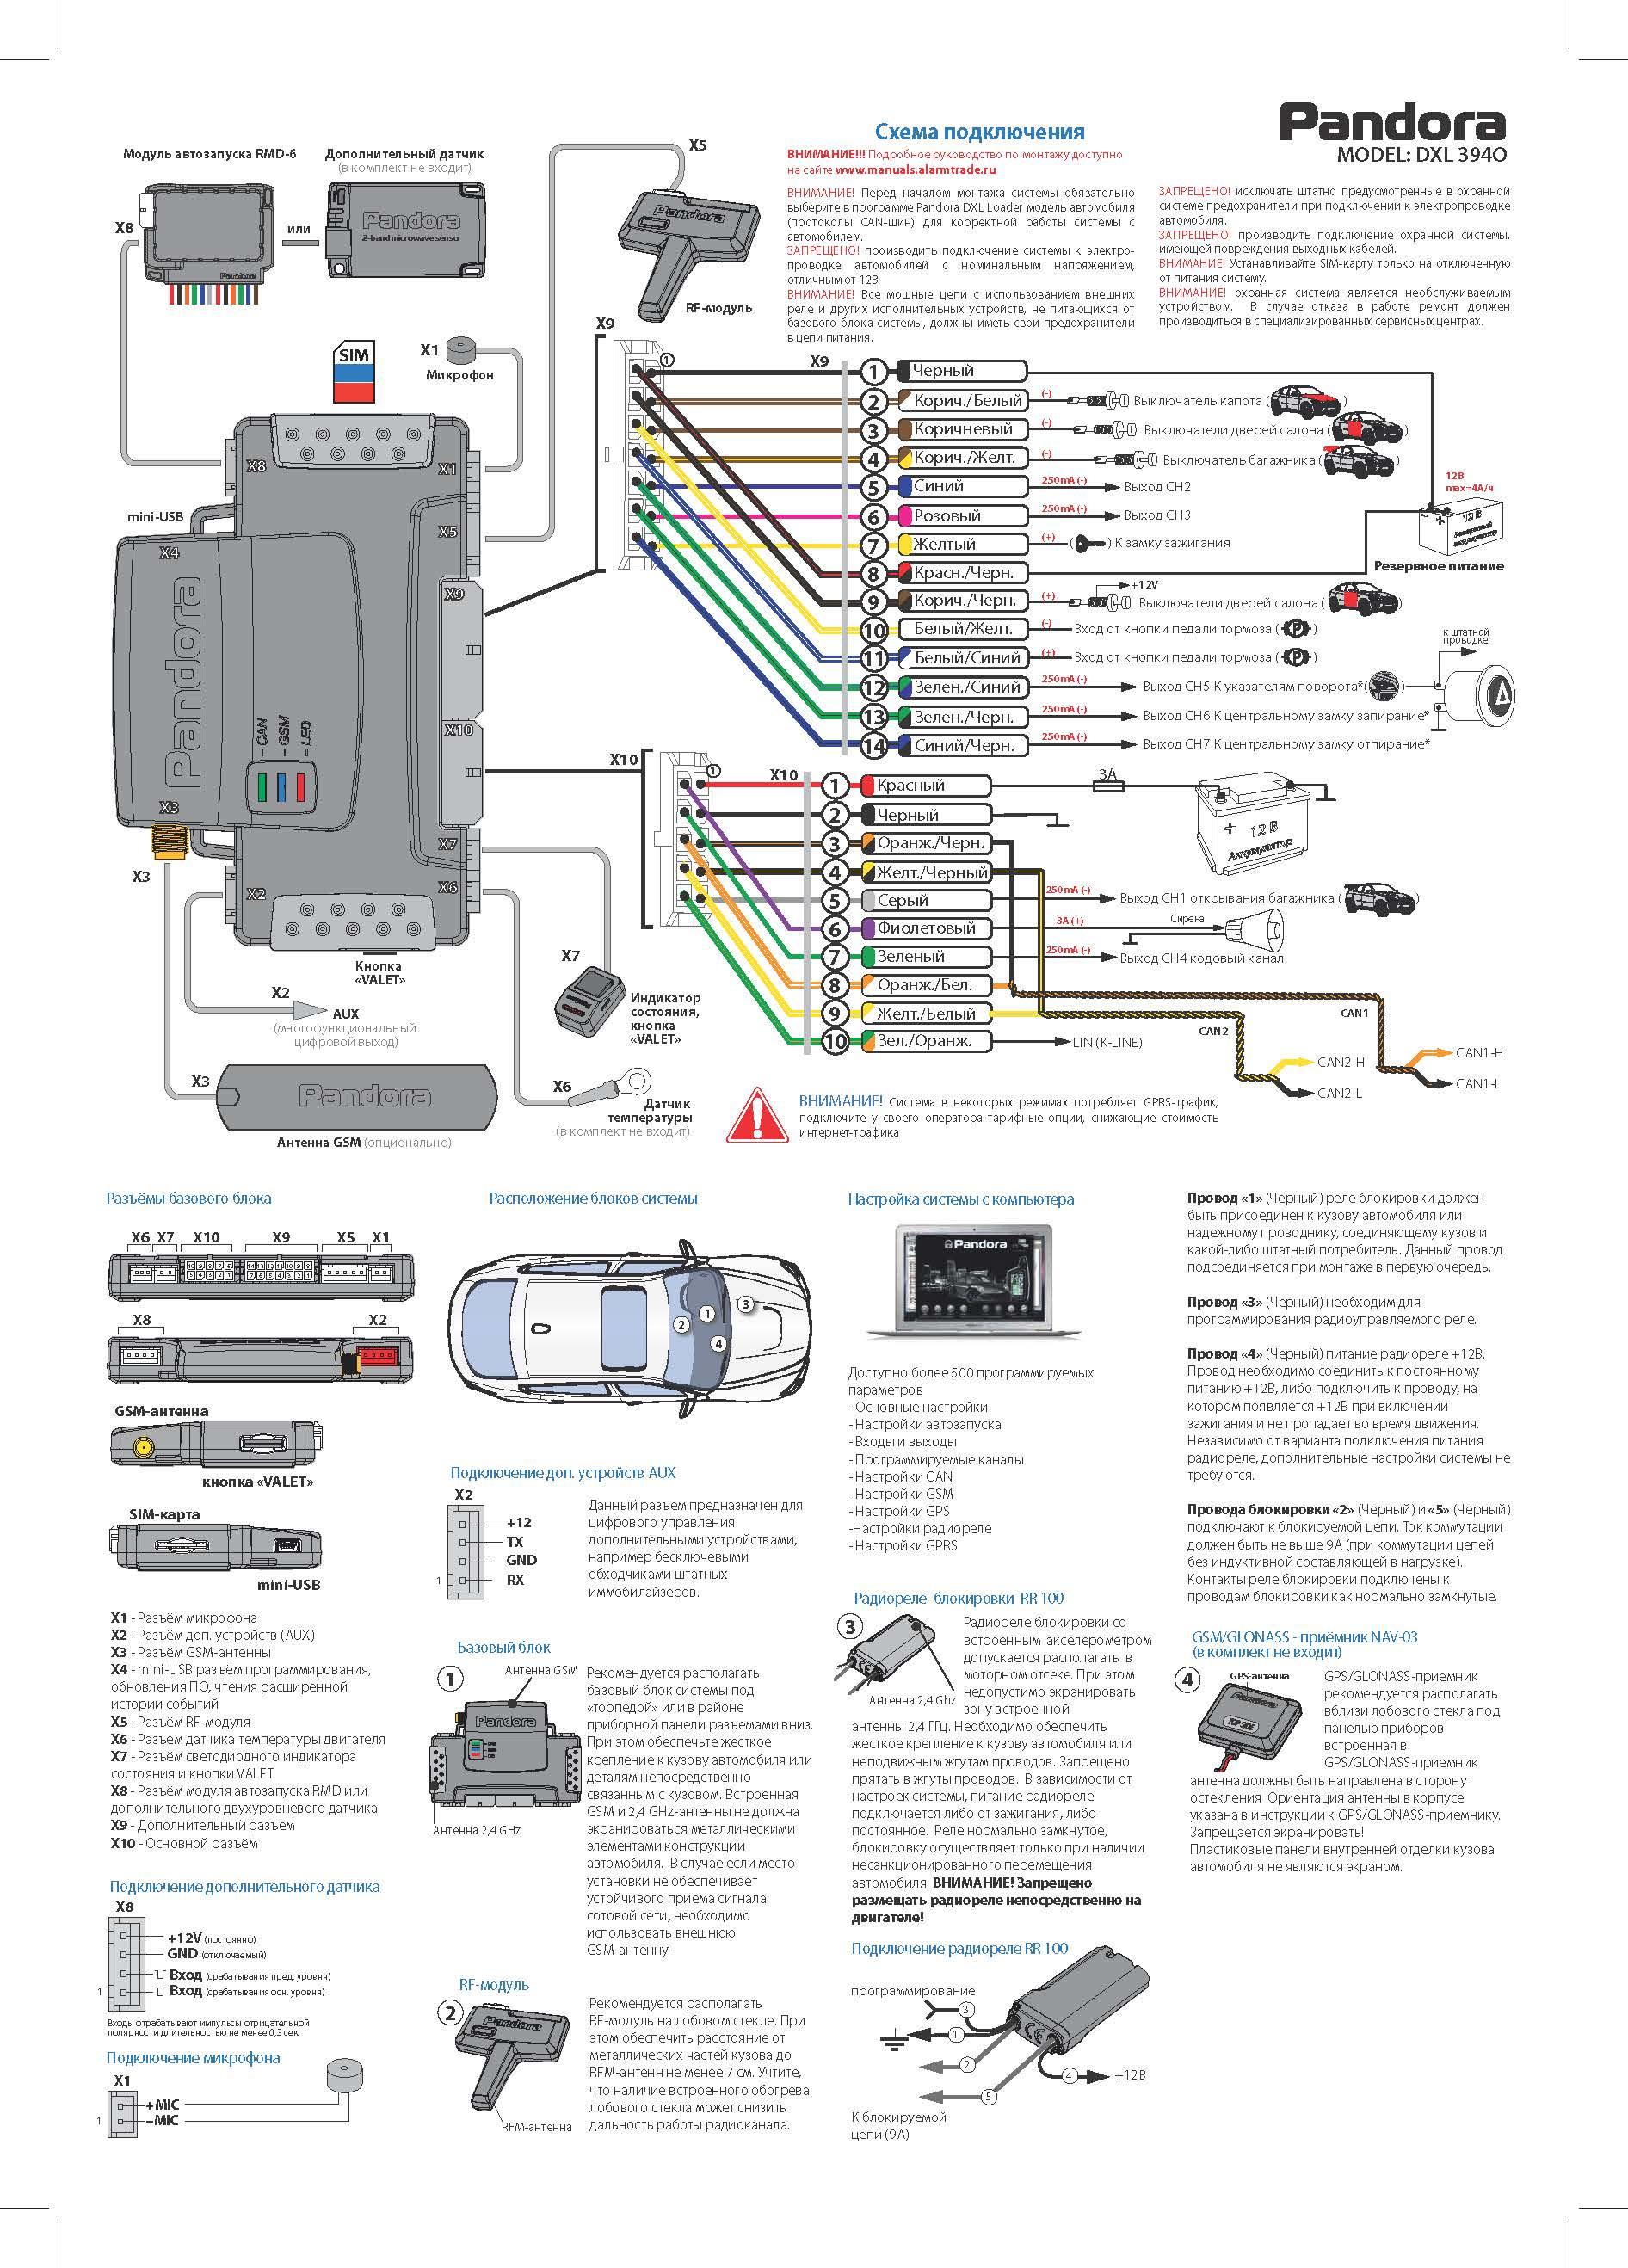 pandora dxl 3700 инструкция по программированию